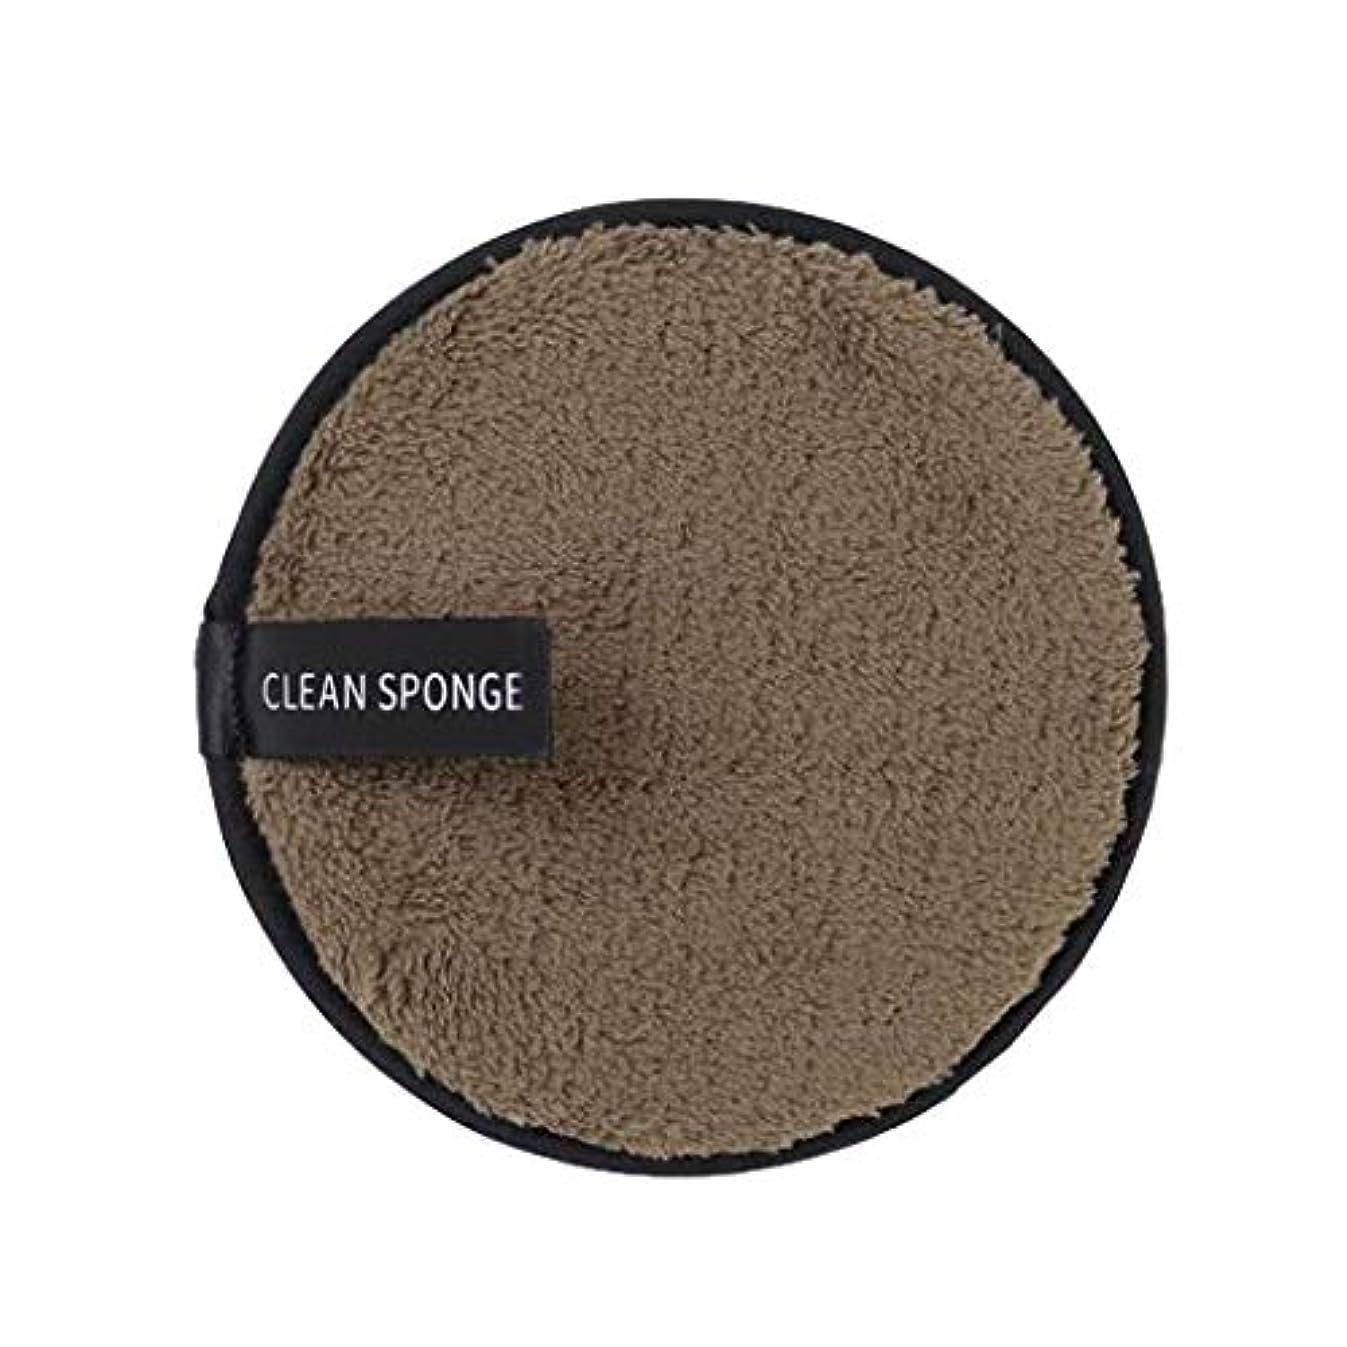 仕事場合誕生Dadela Clean Spongeマイクロファイバーク ロスパッド クリアウォーターレイジー メイクアップ メイク落としパウダー リムーバー クレンジングパフ スキンケア 両面 極細 再利用可能 快適 洗顔 (B)